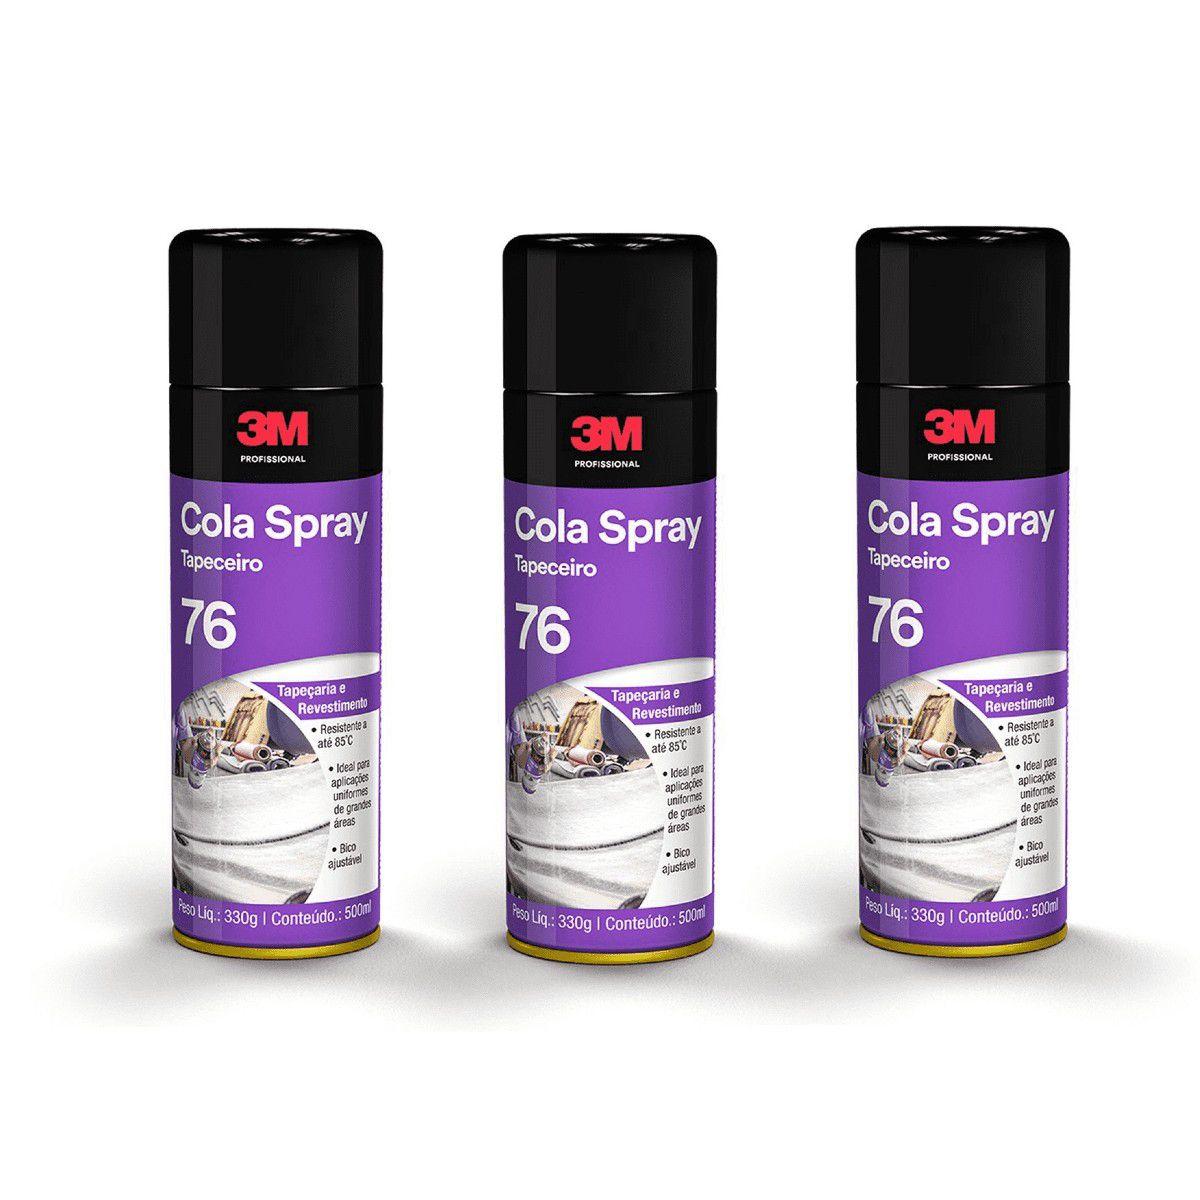 Adesivo Spray 3m 76 Cola Forro Espuma Tecido 3 Peças 330g